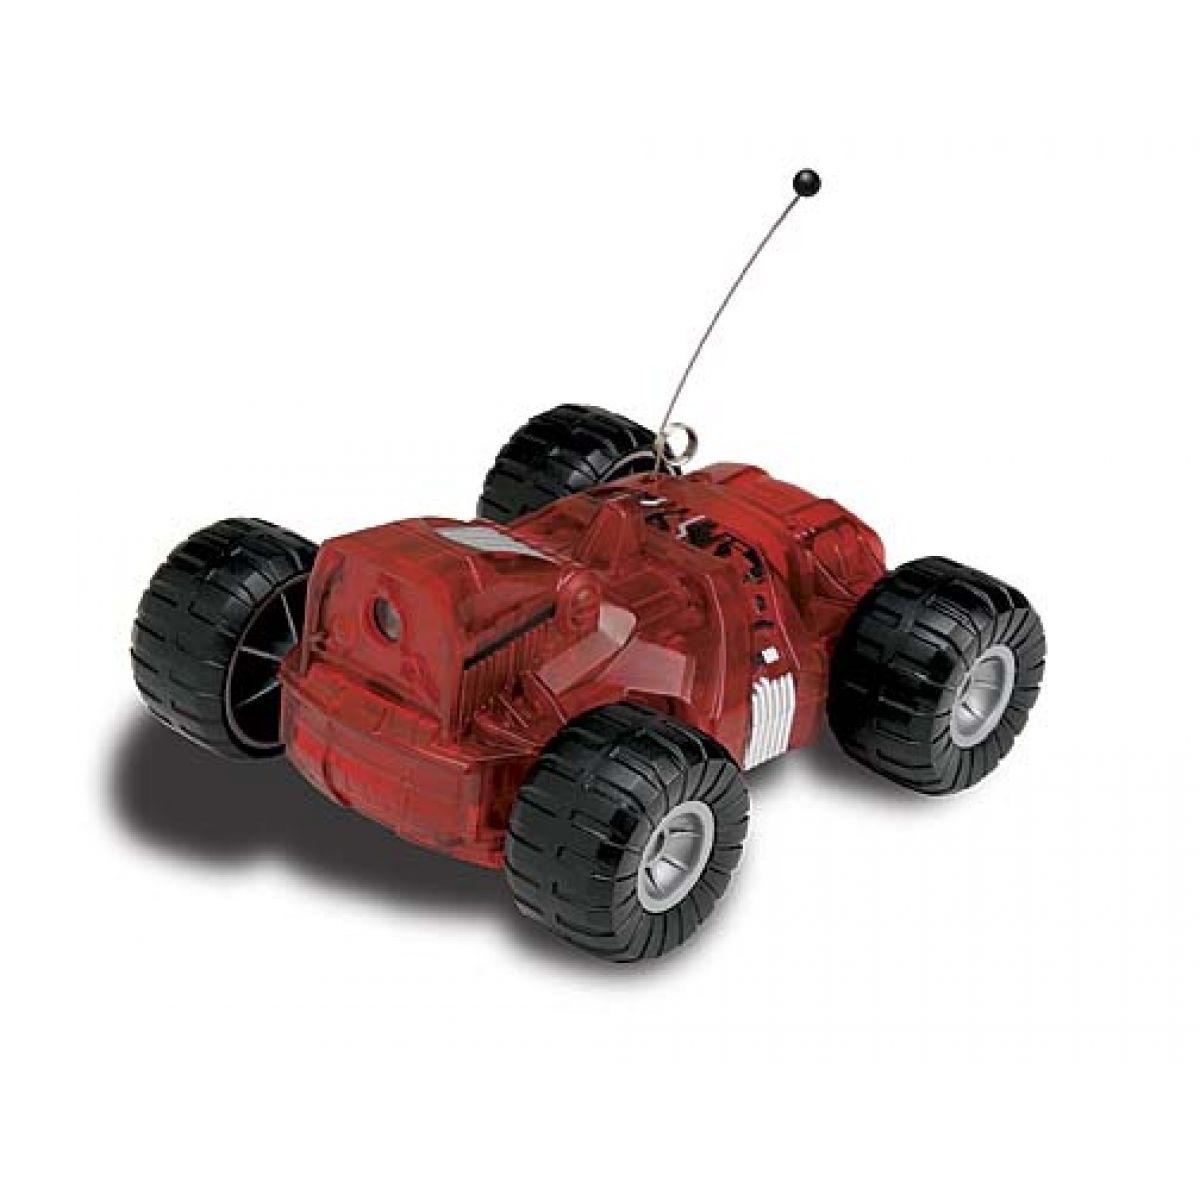 Spy Gear 70210 - Odposlouchávací auto